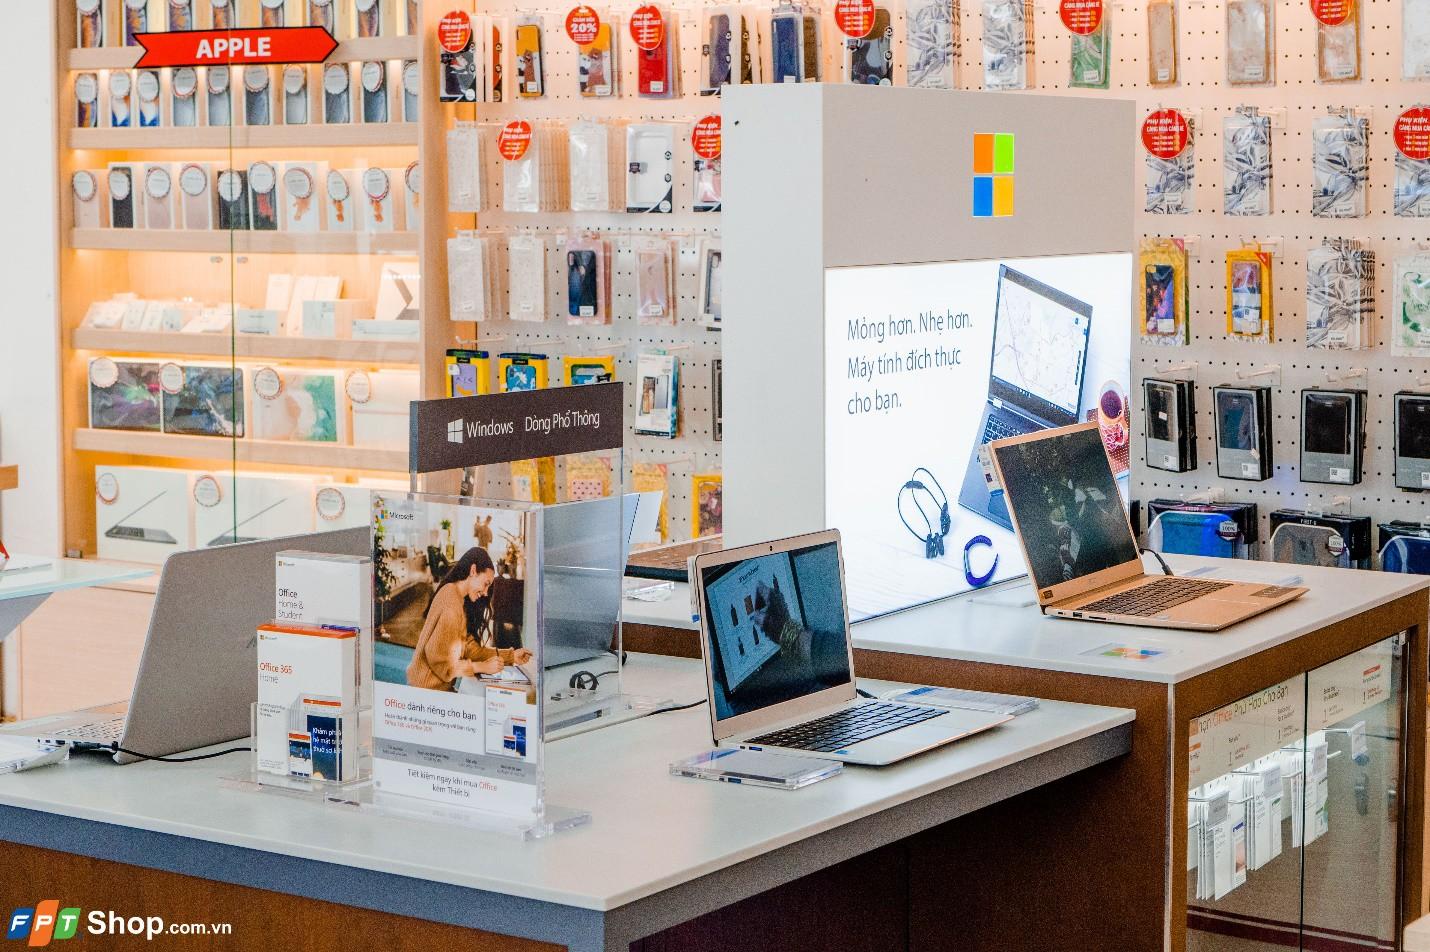 Được giảm đến 28% khi mua laptop HP tại FPT Shop - Ảnh 2.